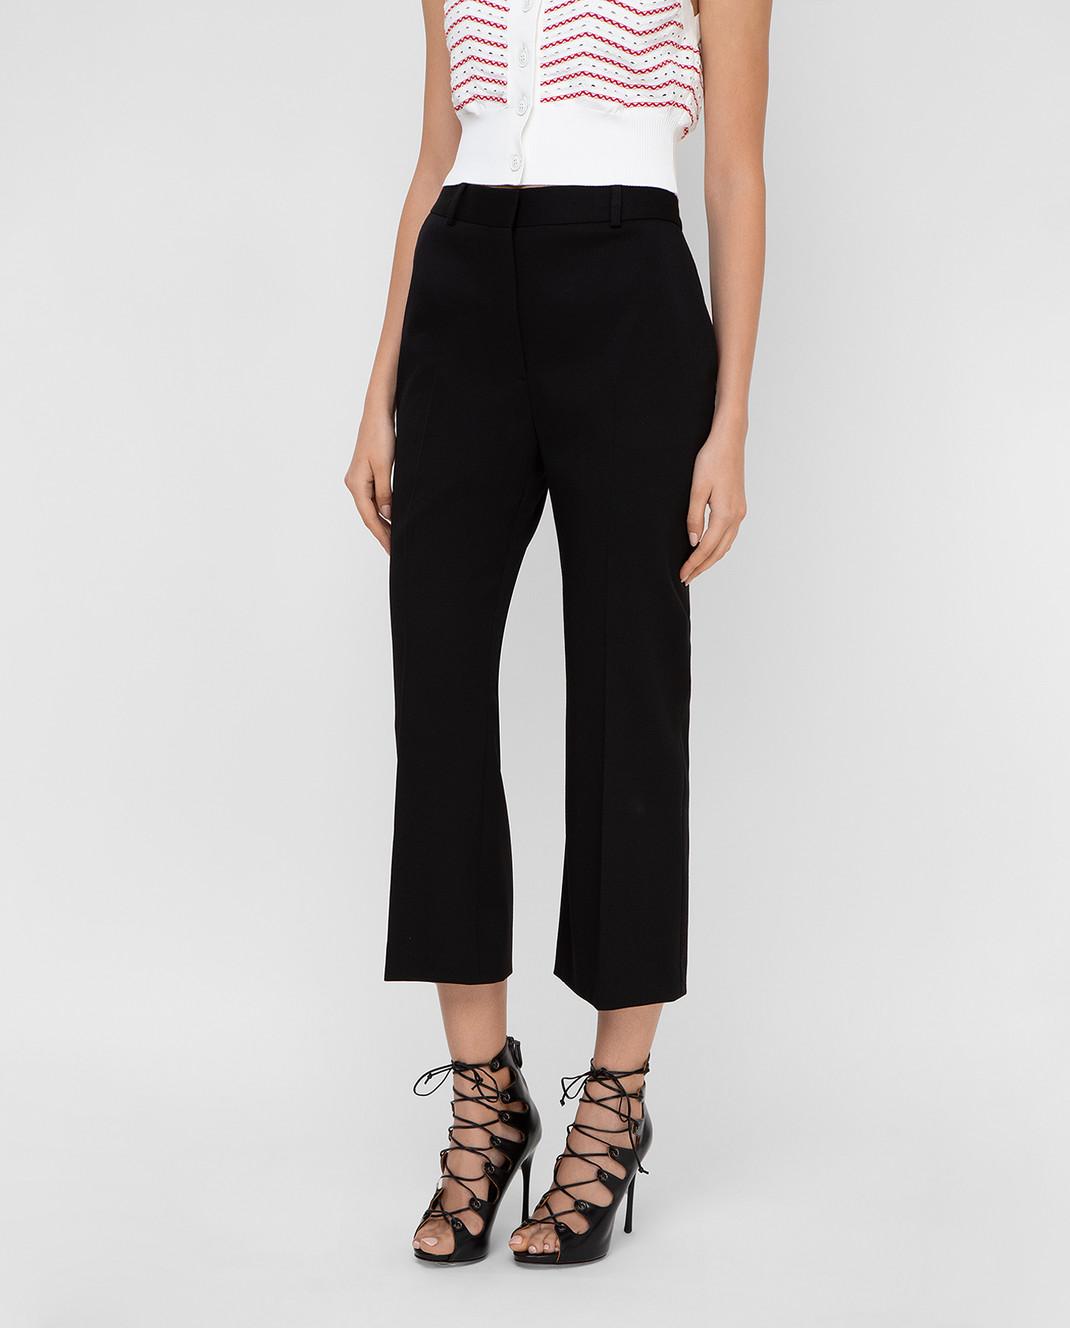 Altuzarra Черные брюки из шерсти изображение 3